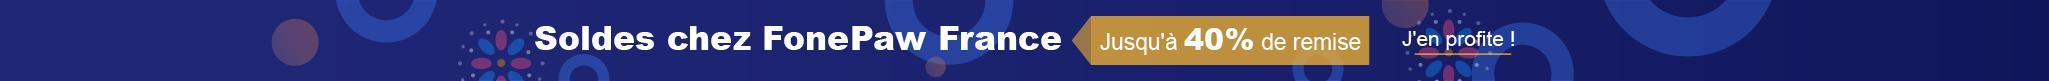 FonePaw Promotion en 2019